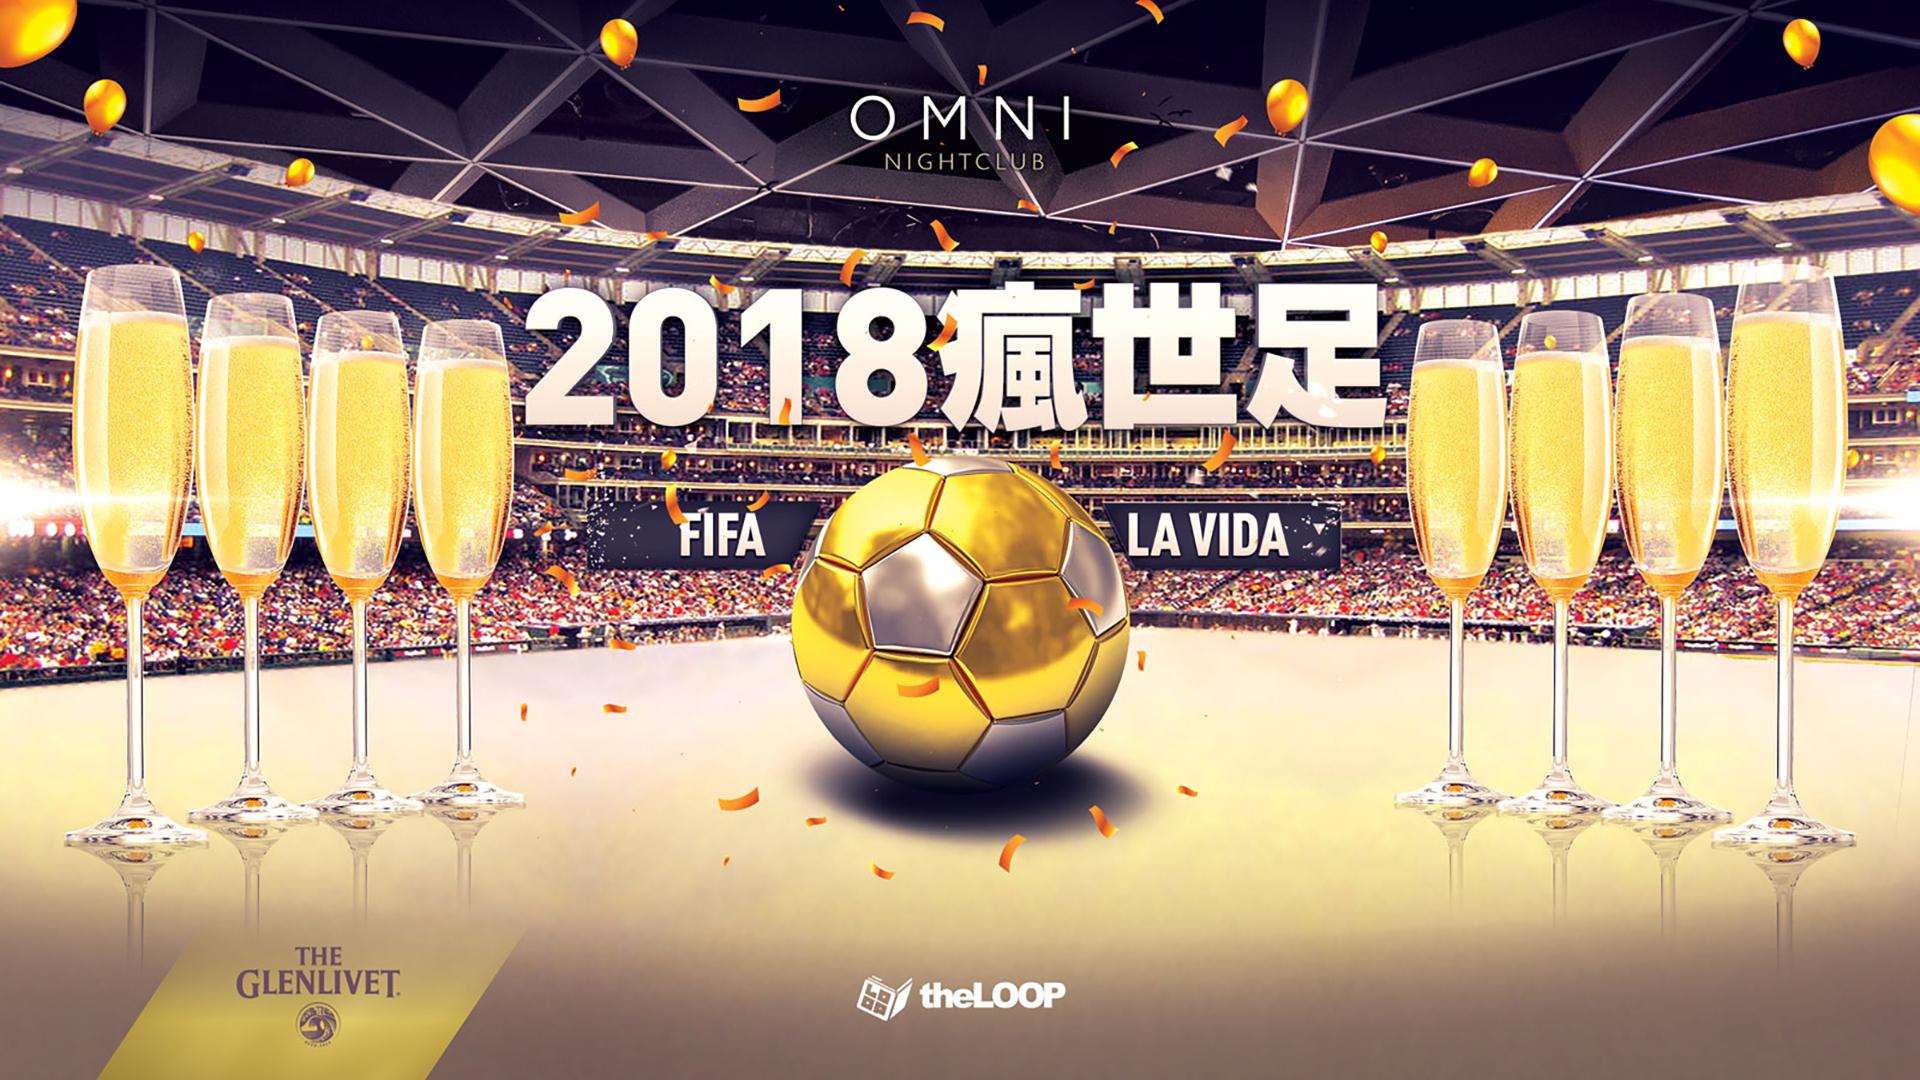 Omni Nightclub Taipei